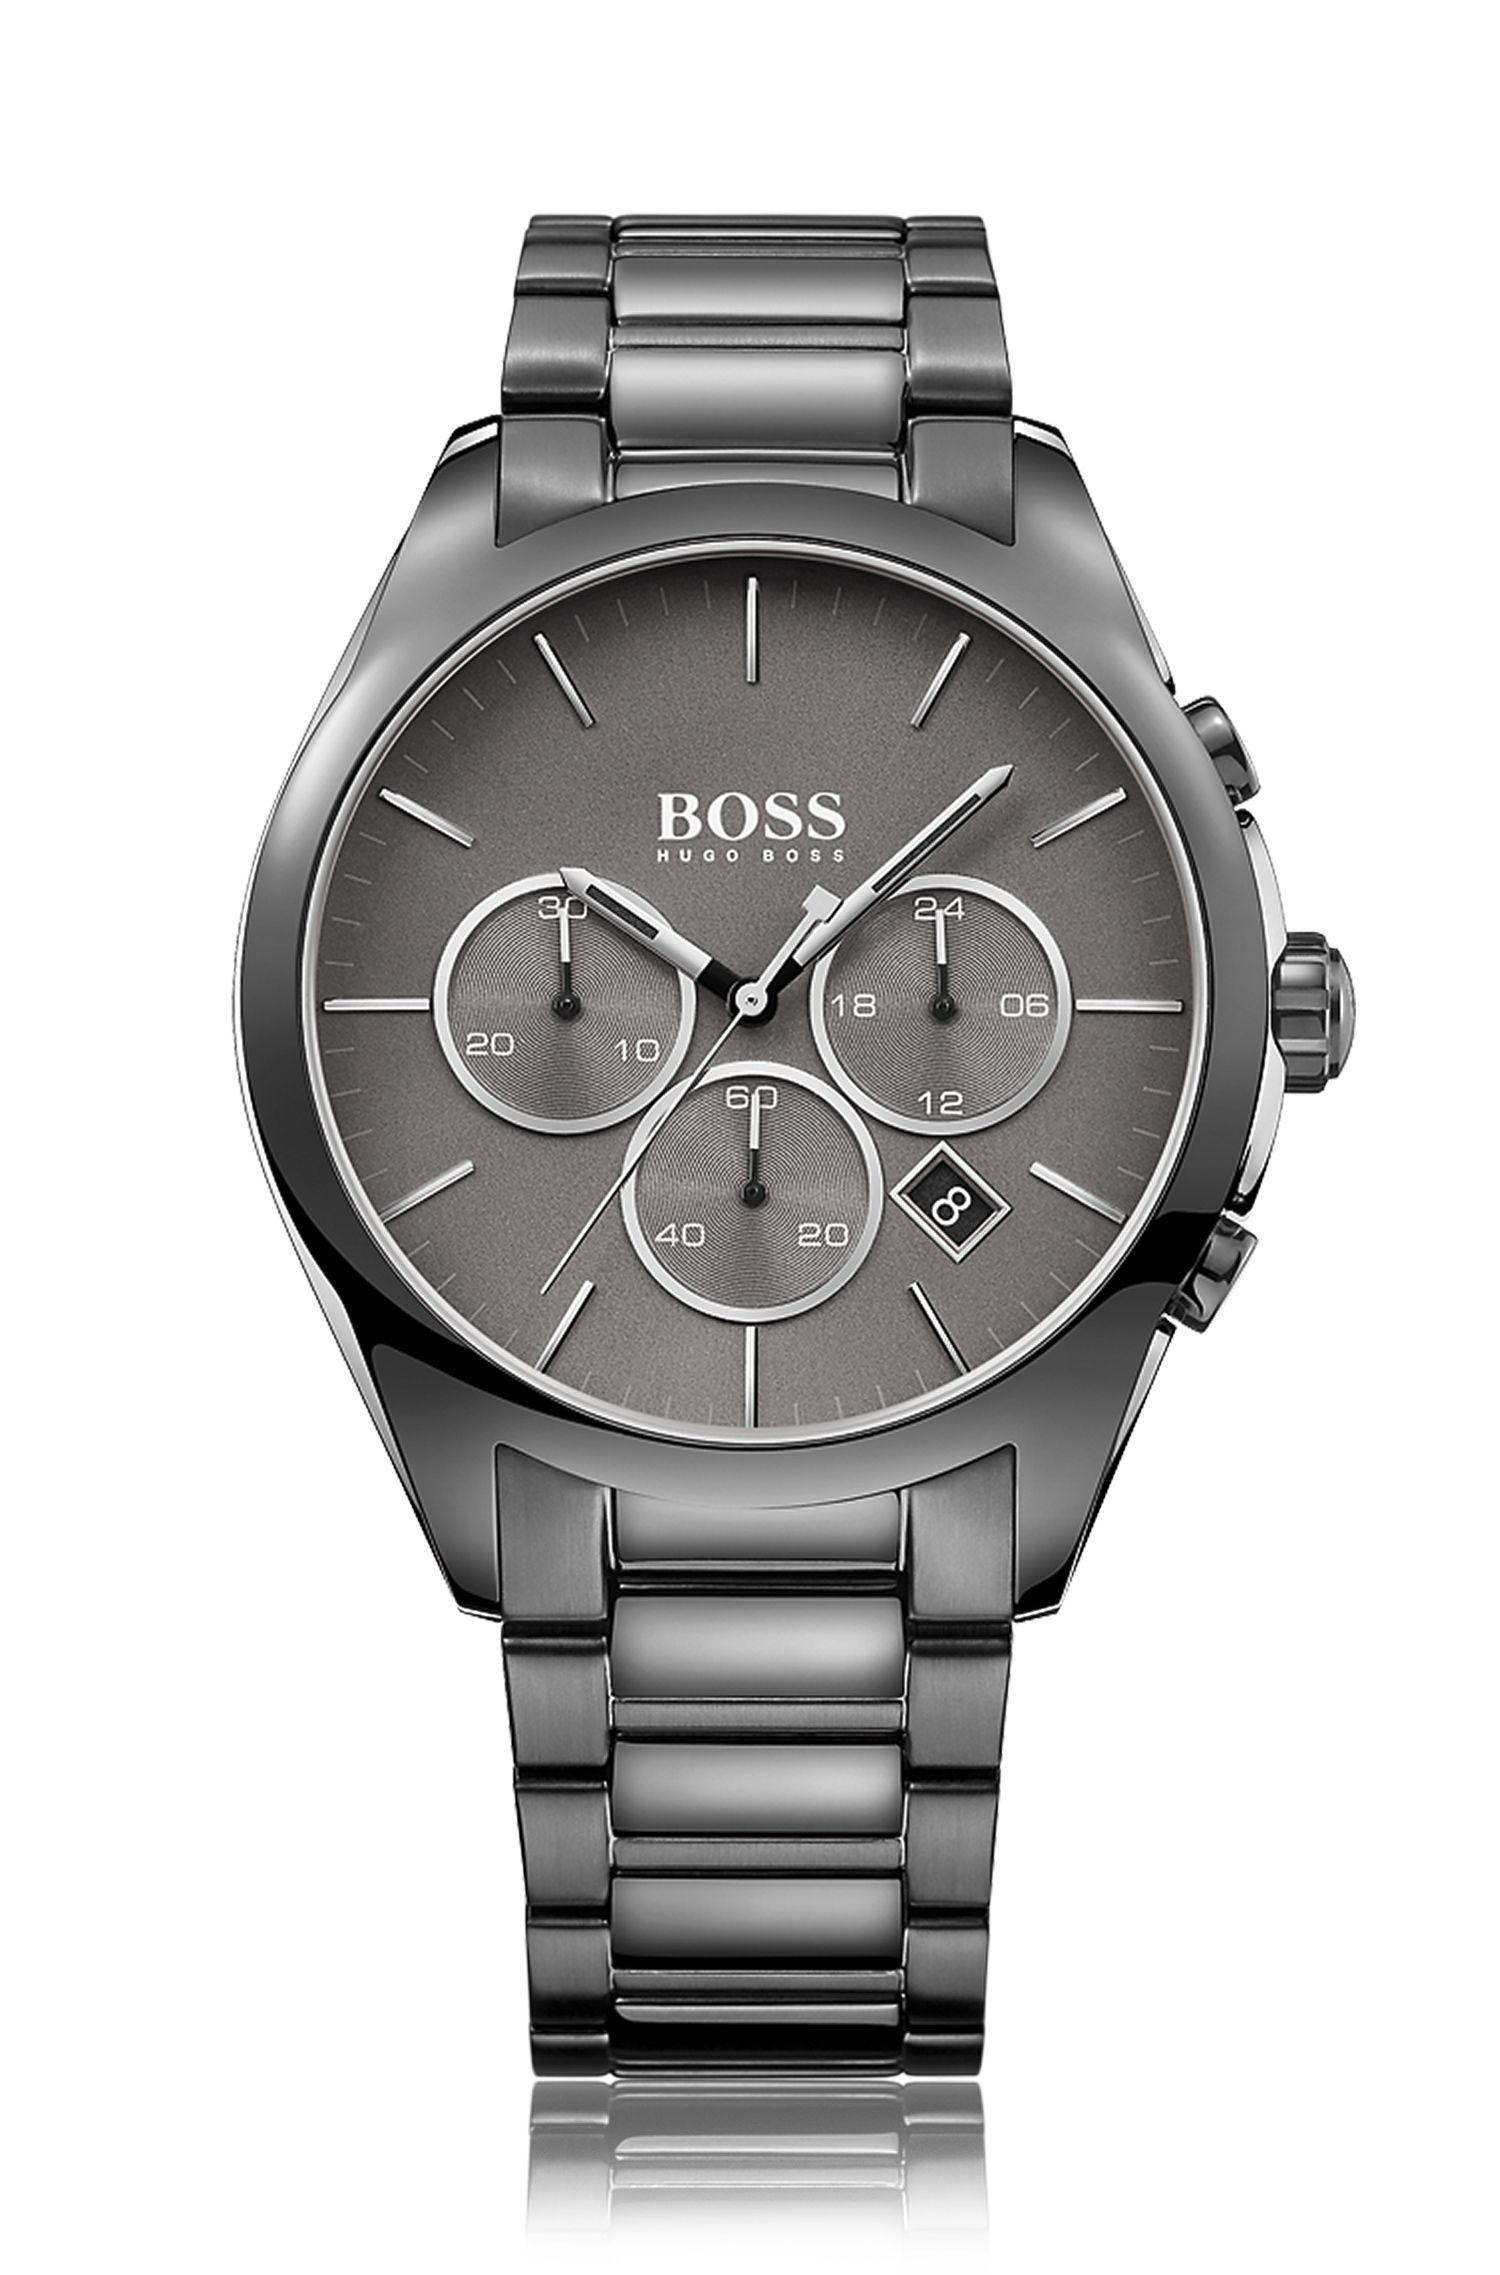 Montre chronographe en acier inoxydable plaqué gris, à cadran gris